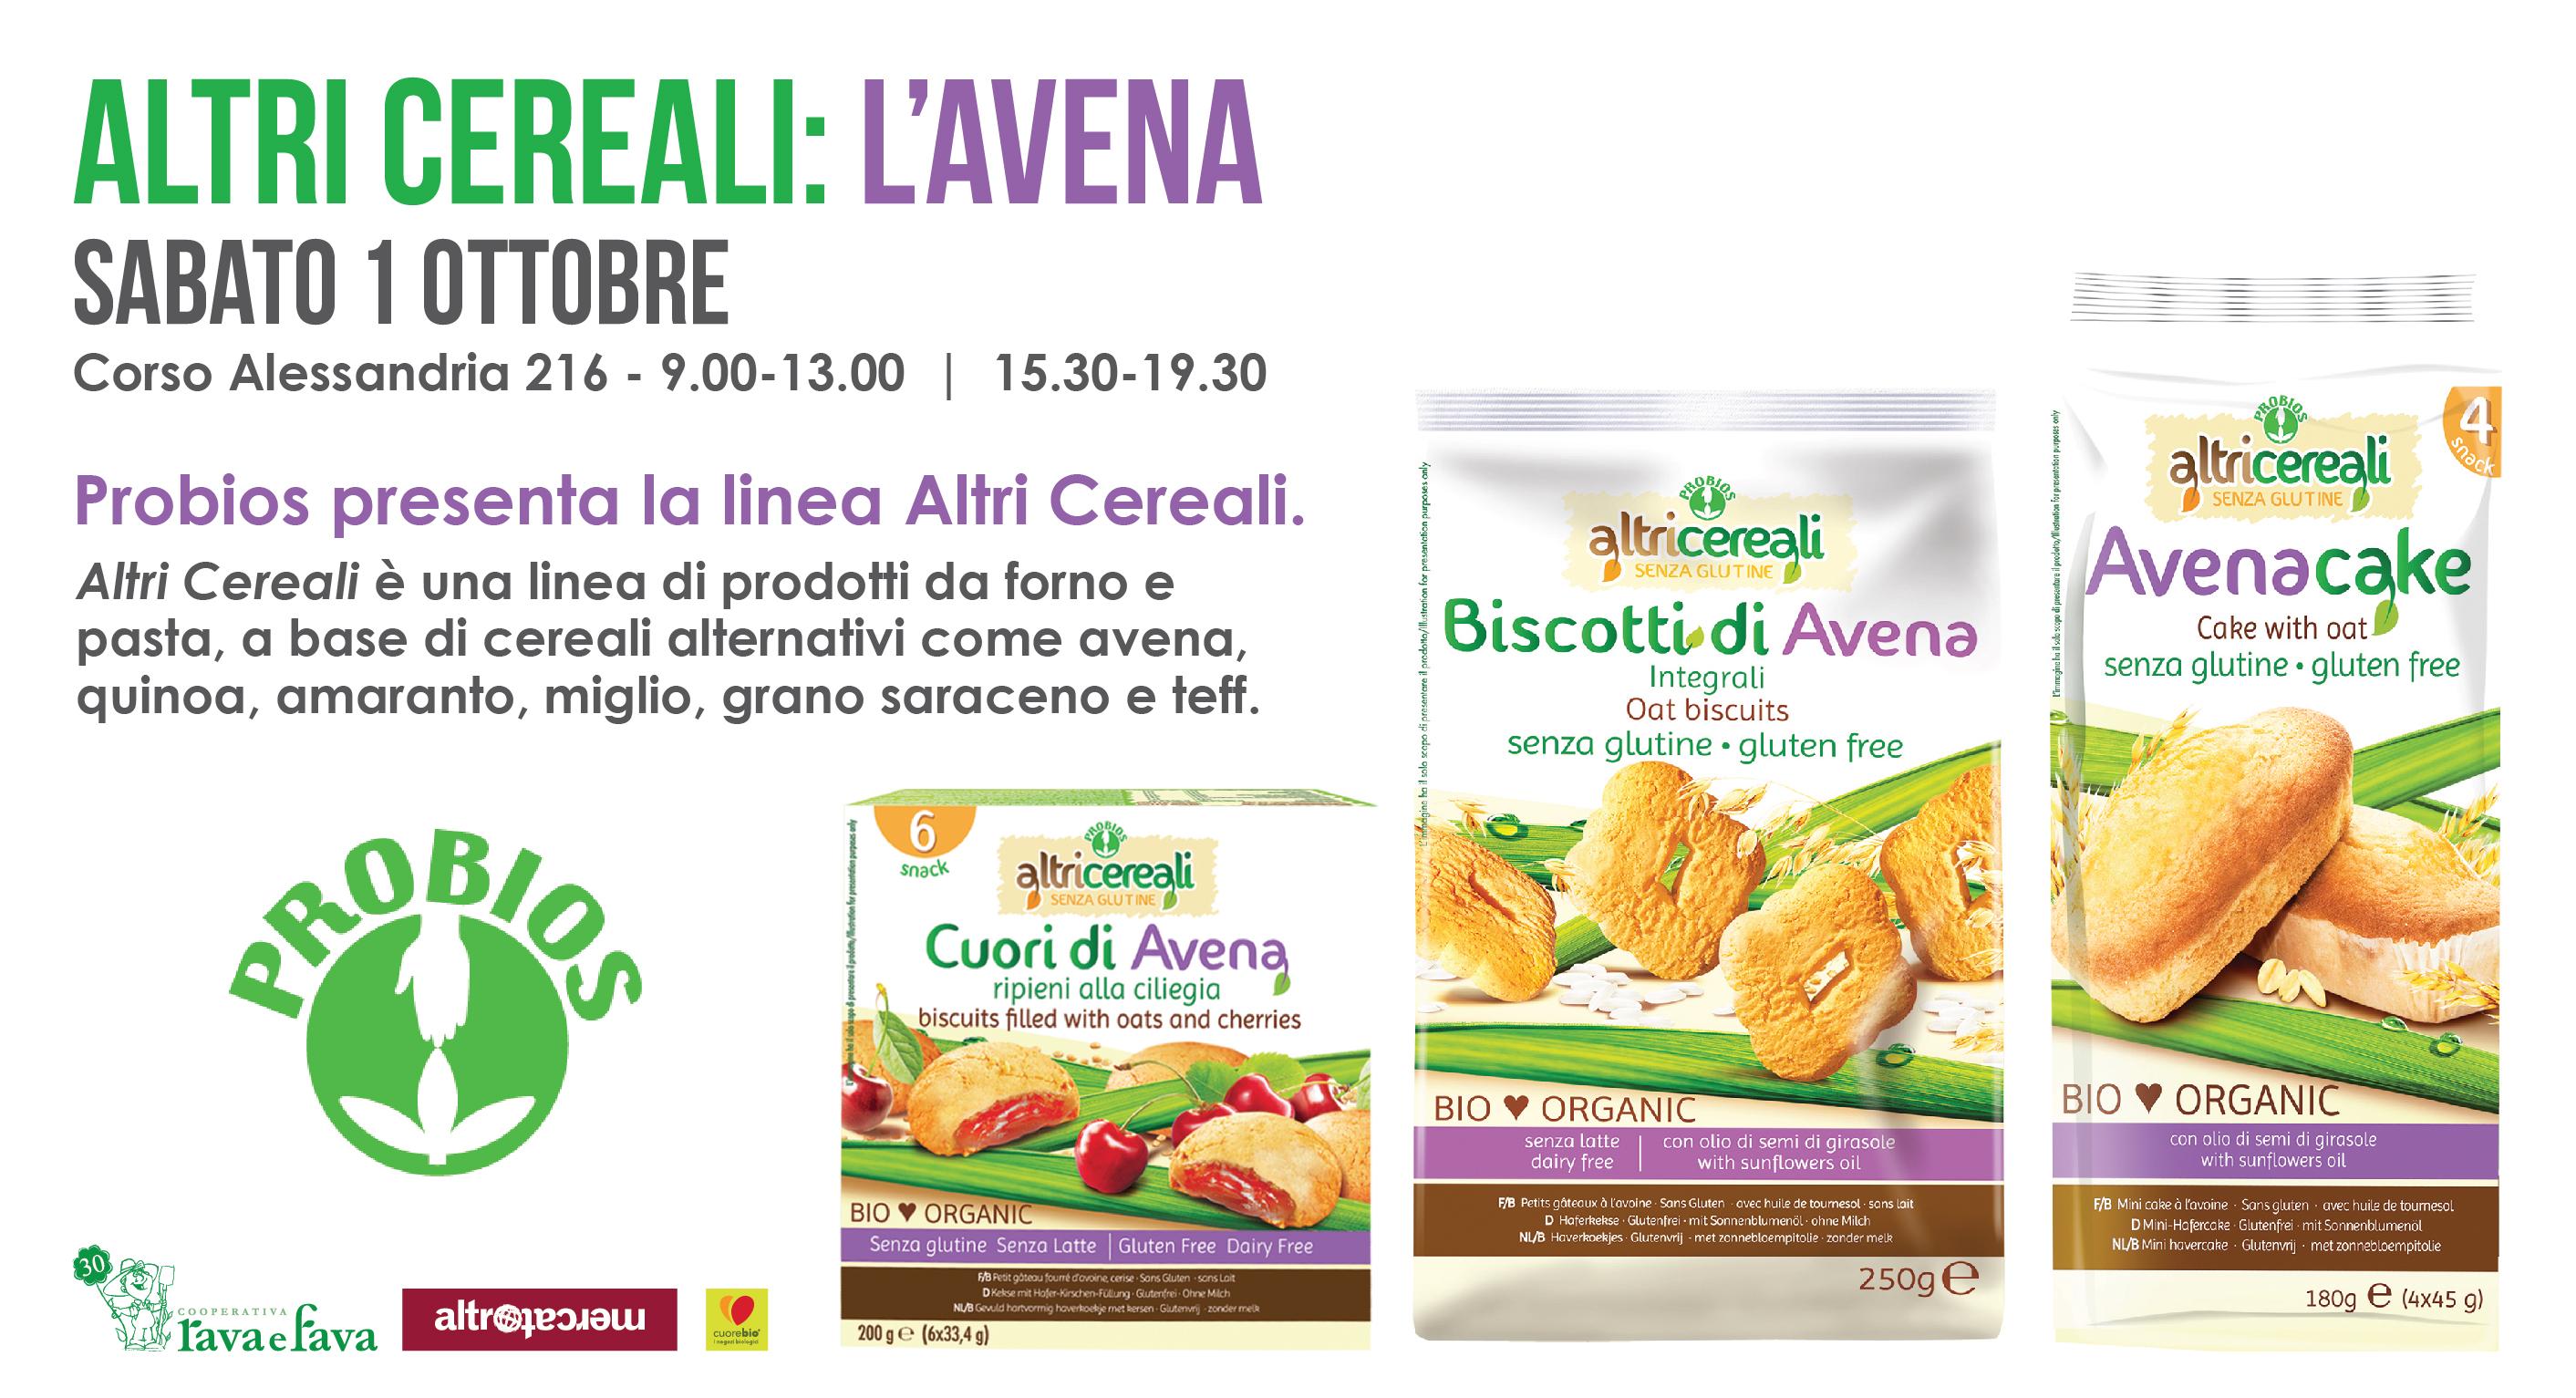 Probios Presenta La Linea Altri Cereali: L'avena.